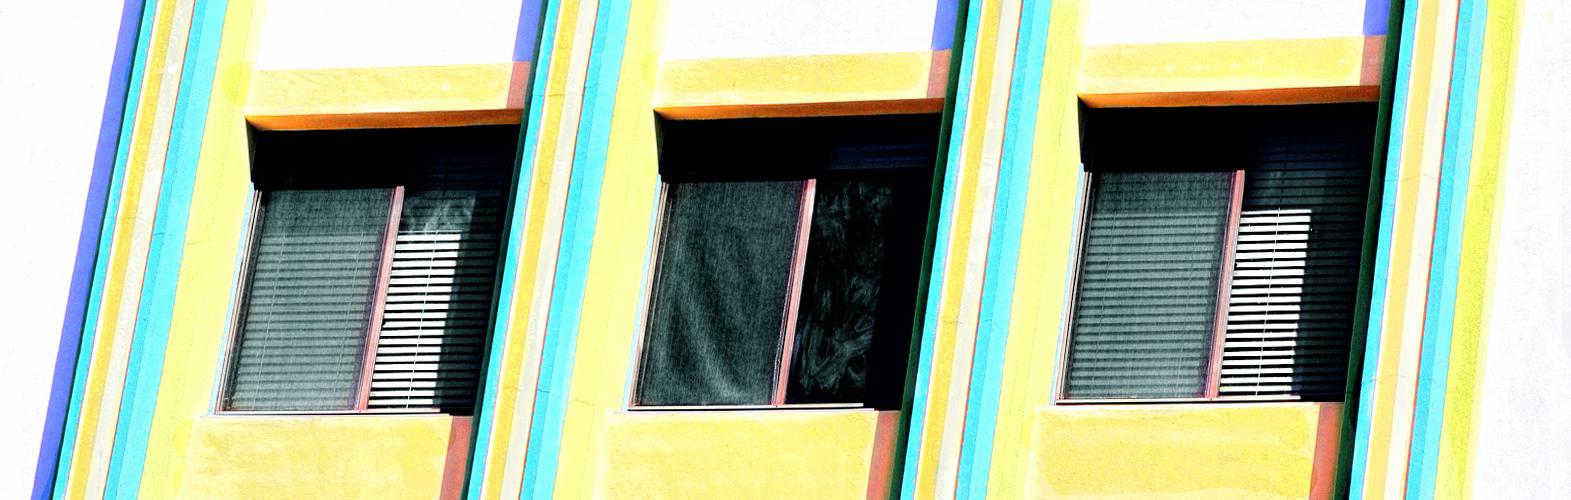 Oceanfront Windows